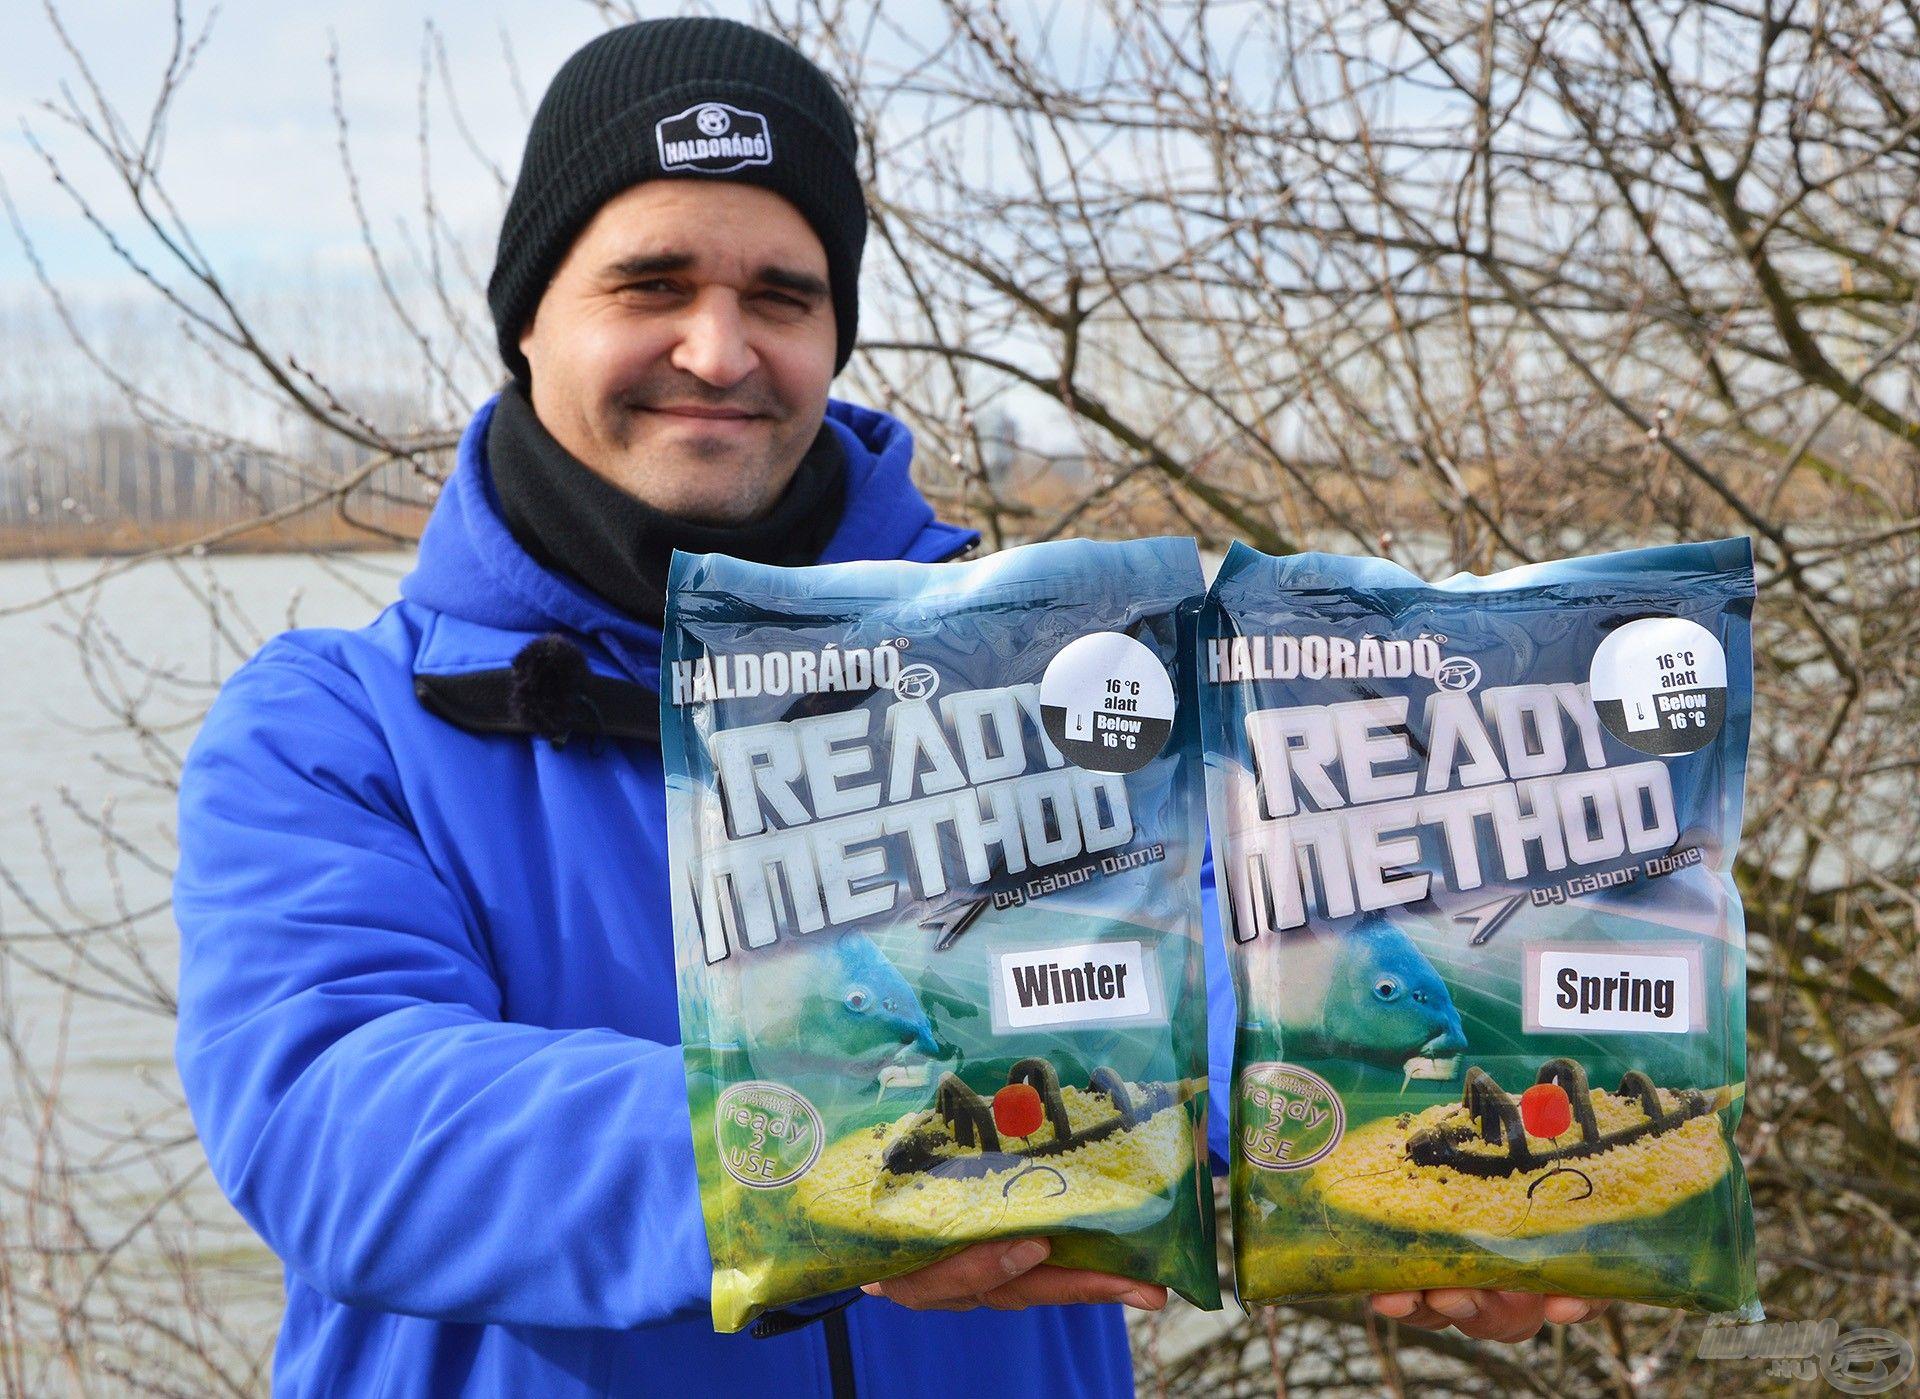 A Winter és a Spring kifejezetten a hideg vízi horgászatokra való